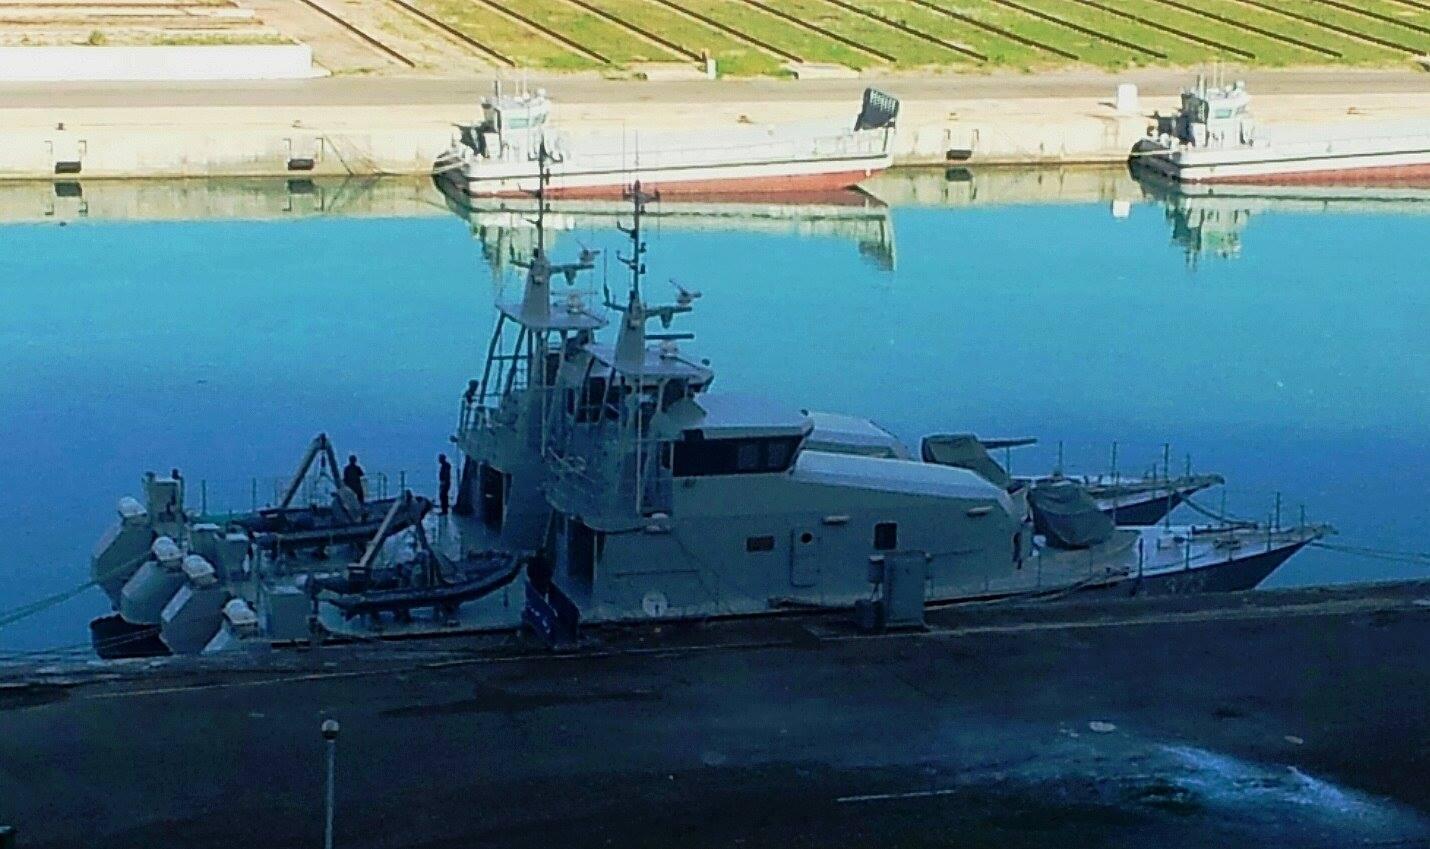 الجزائر تبني محليا 3 سفن LCM نسخة ايطالية بحمولة 30 طن  - صفحة 2 11260767_946745535368181_938202405_o